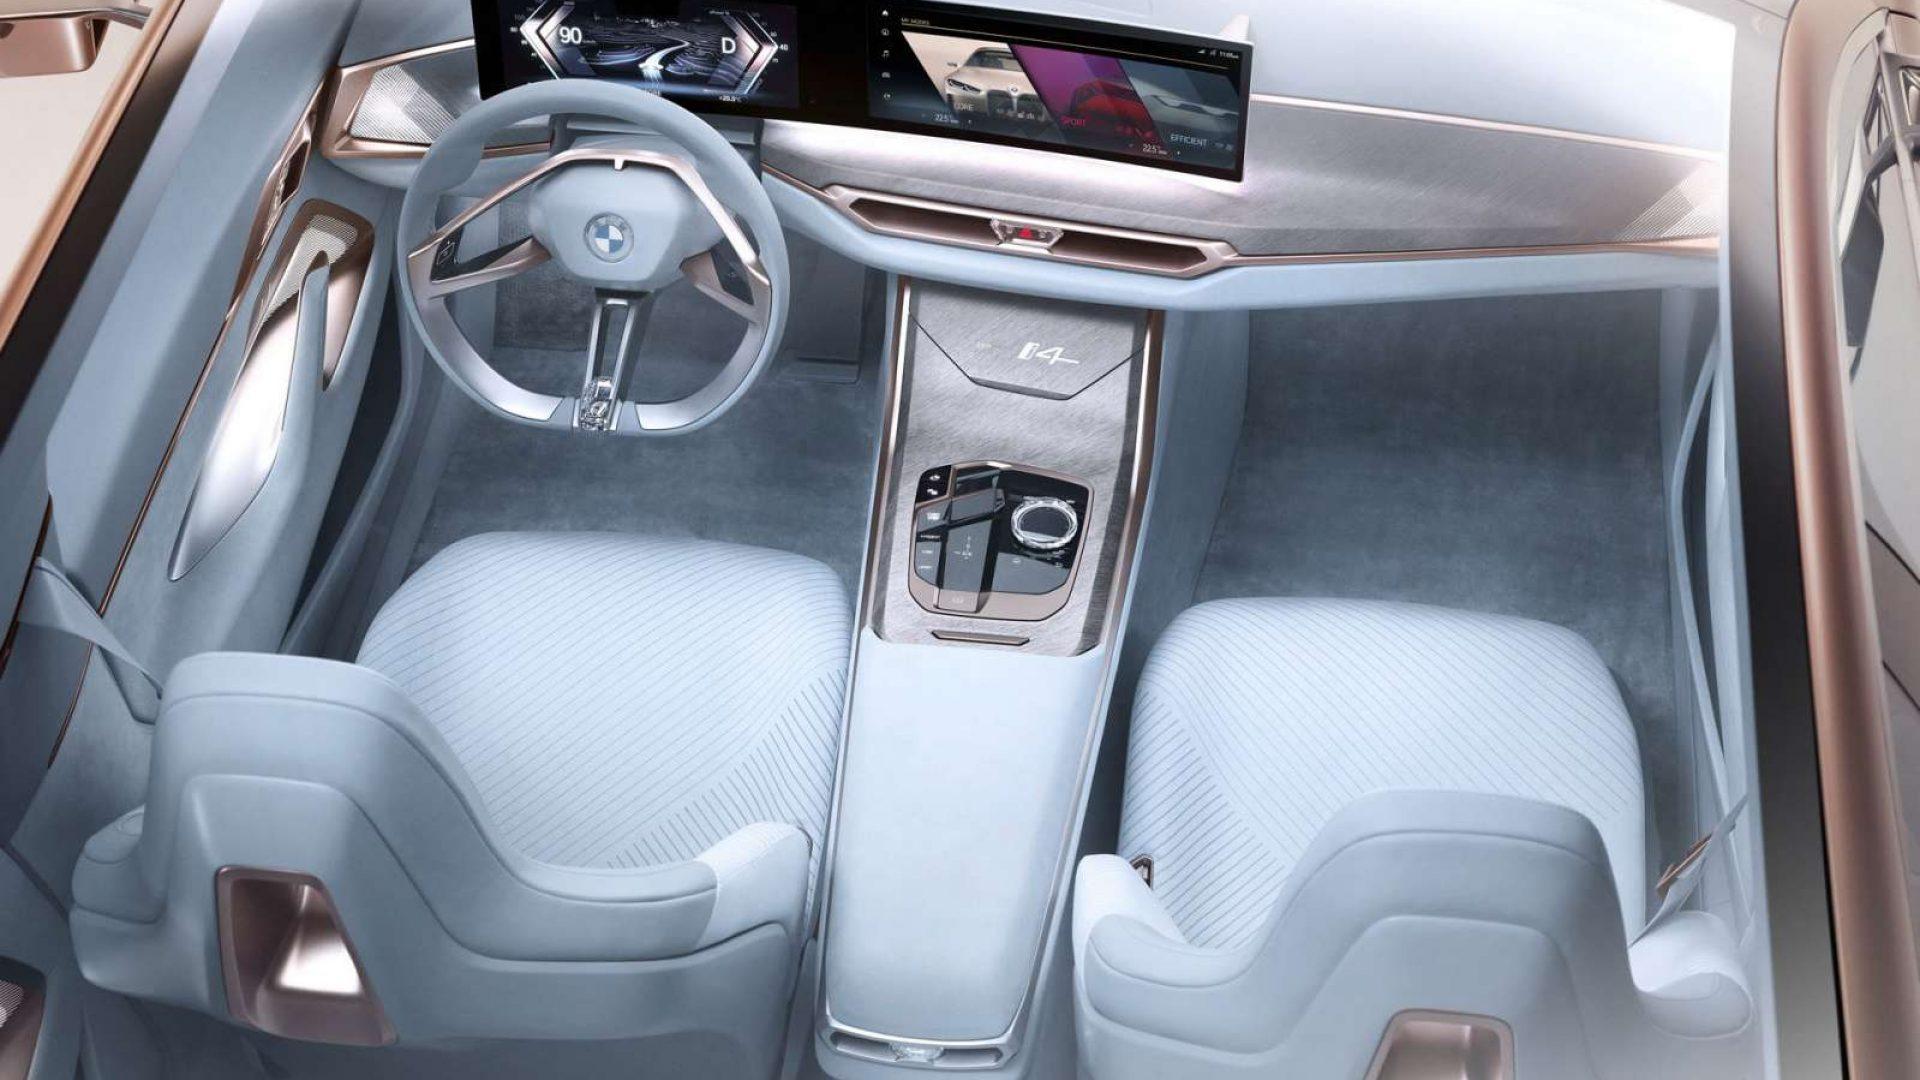 2020-BMW-Concept-i4-Interior-11